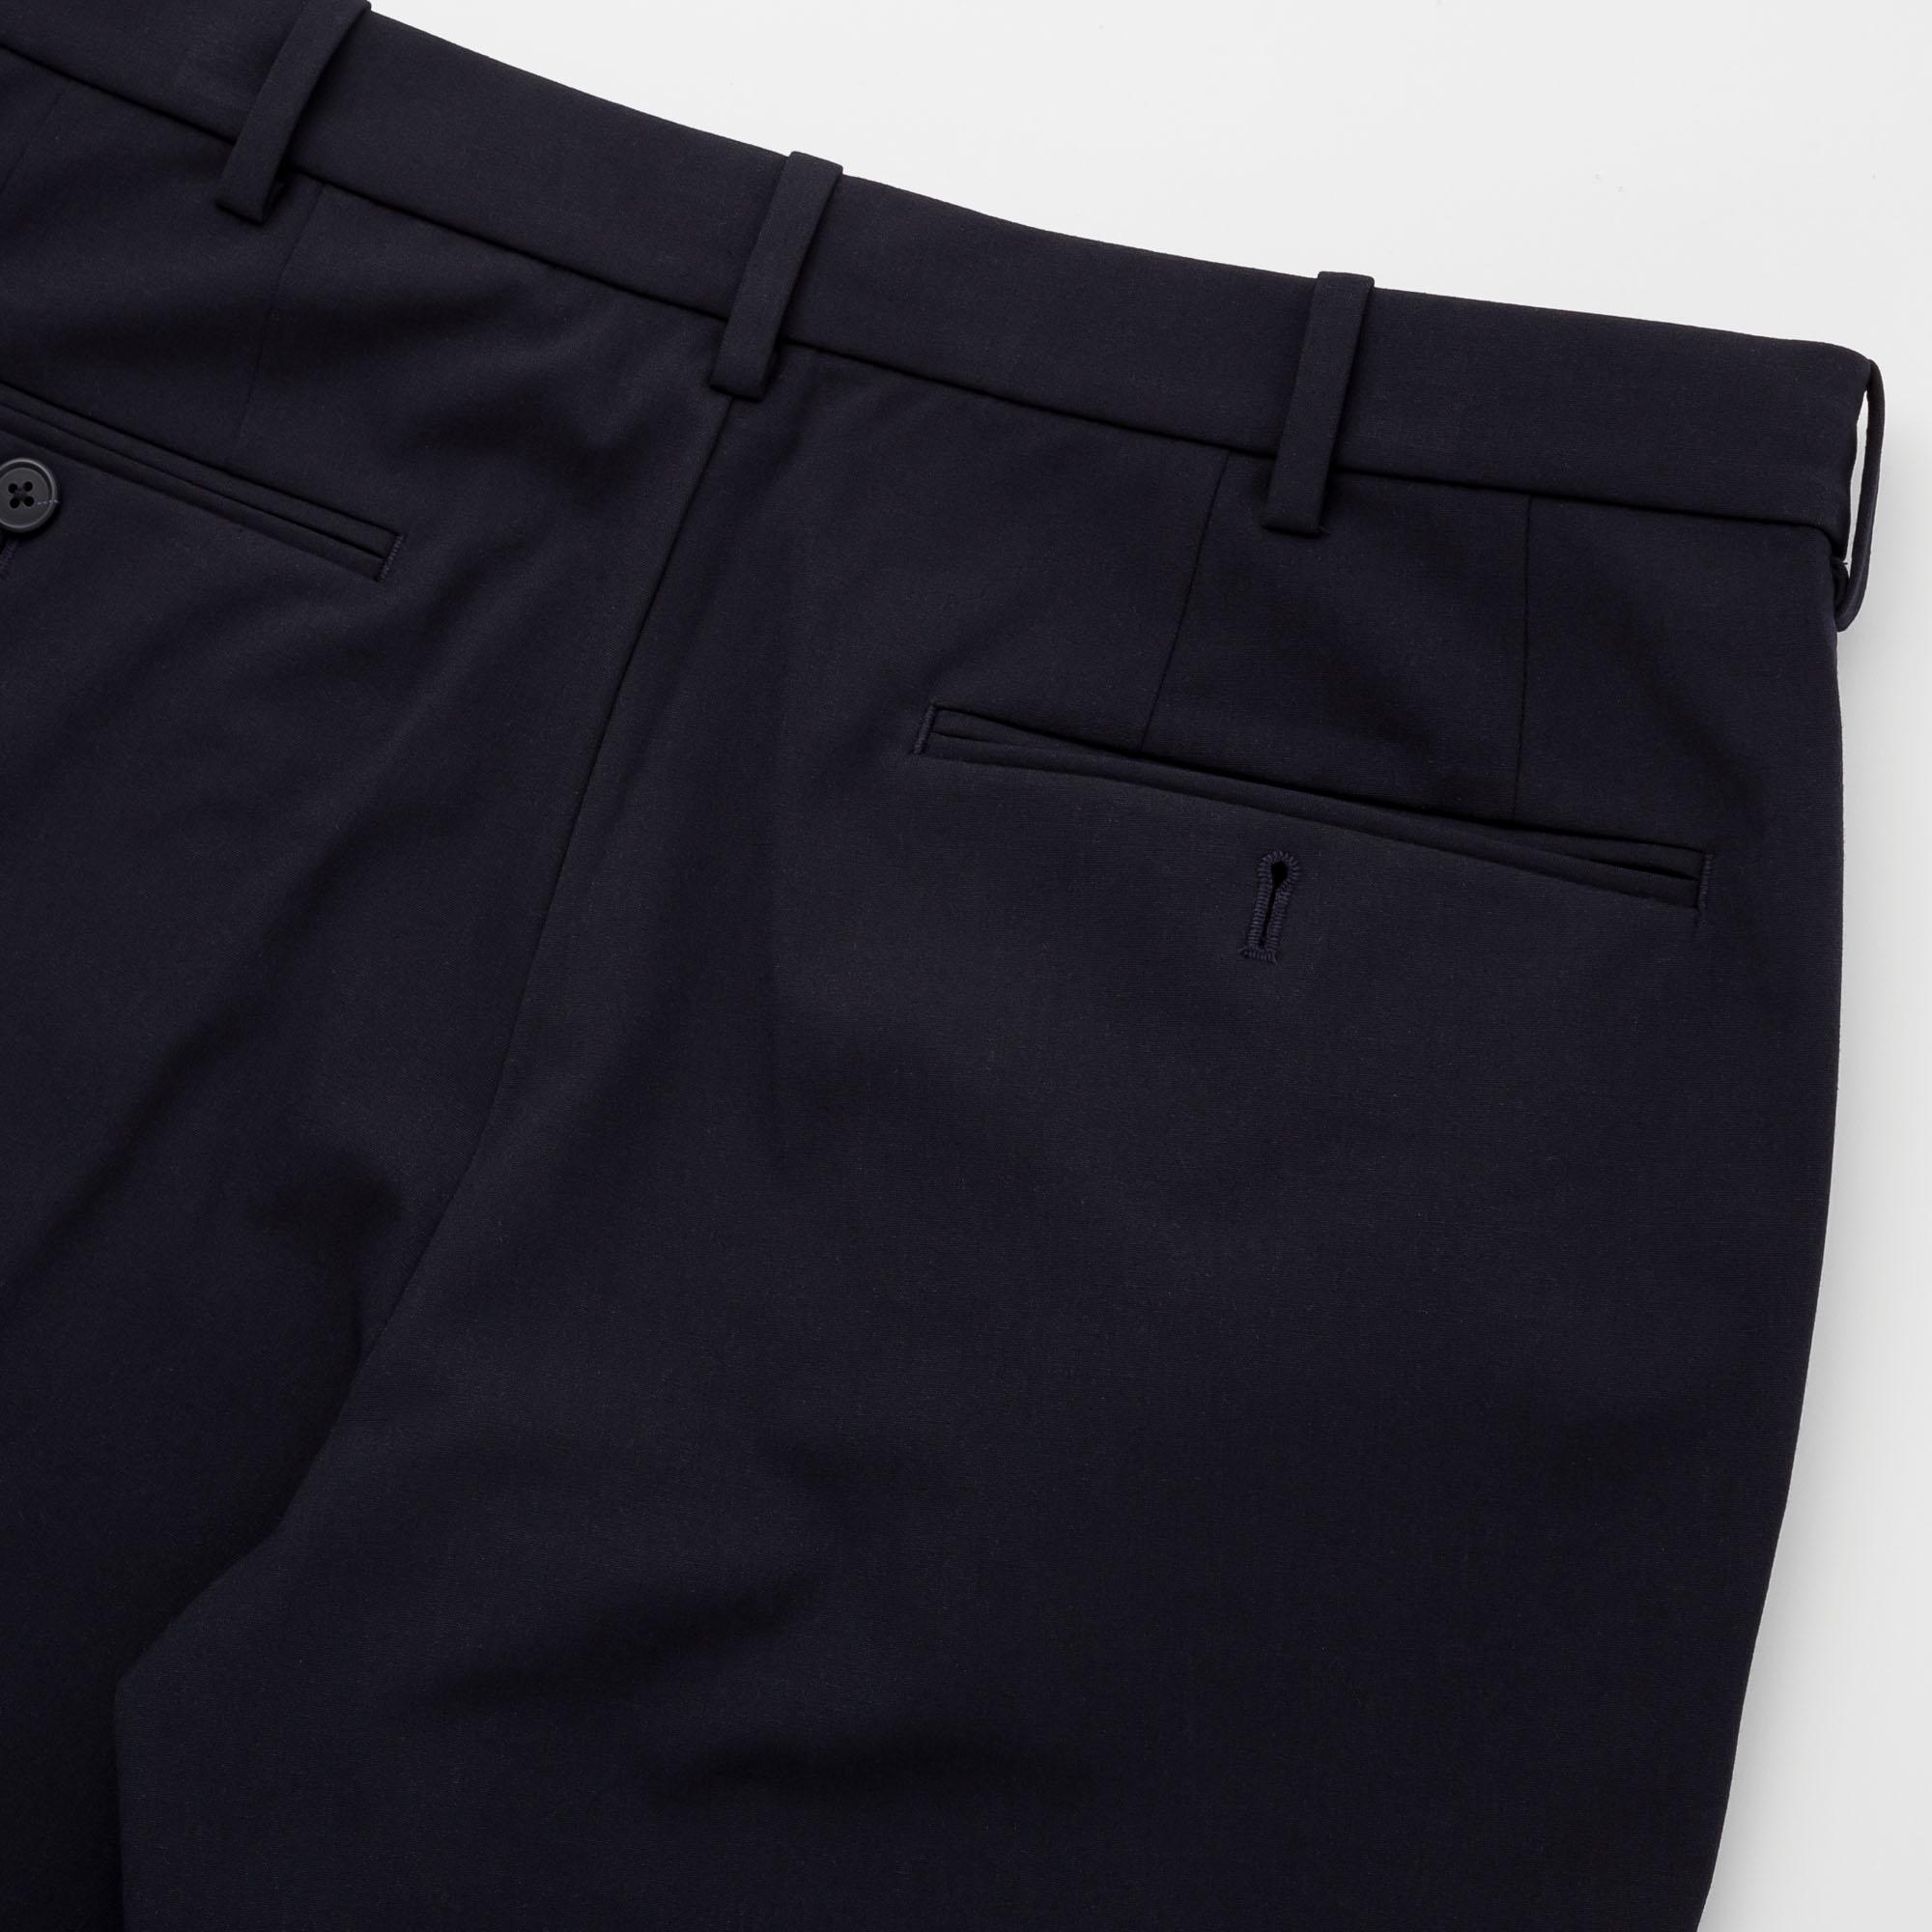 YUNSW Shorts en Cuir PU pour Femmes Slim Fit Casual Taille /Élastique Pantalon Chaud Adapt/é /À La Maison Plage Salle De Bal